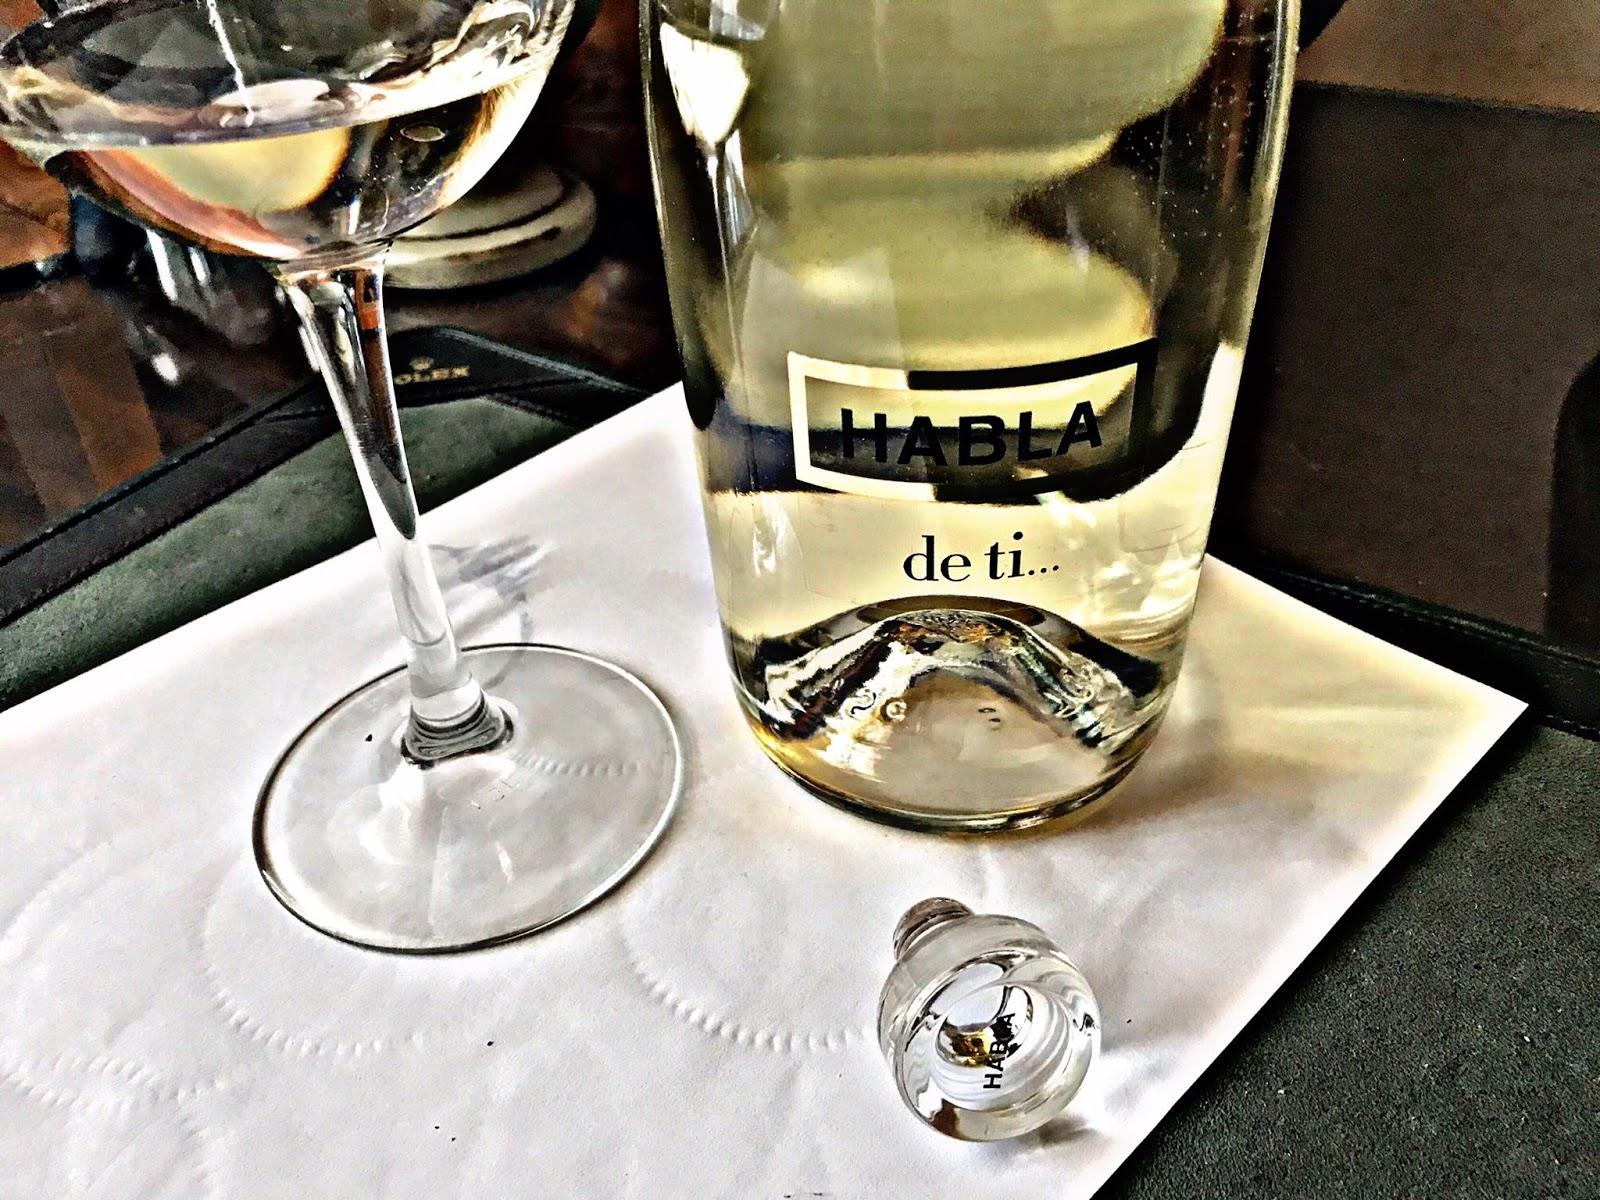 El alma del vino bodegas habla habla de ti blanco for Habla de ti blanco precio